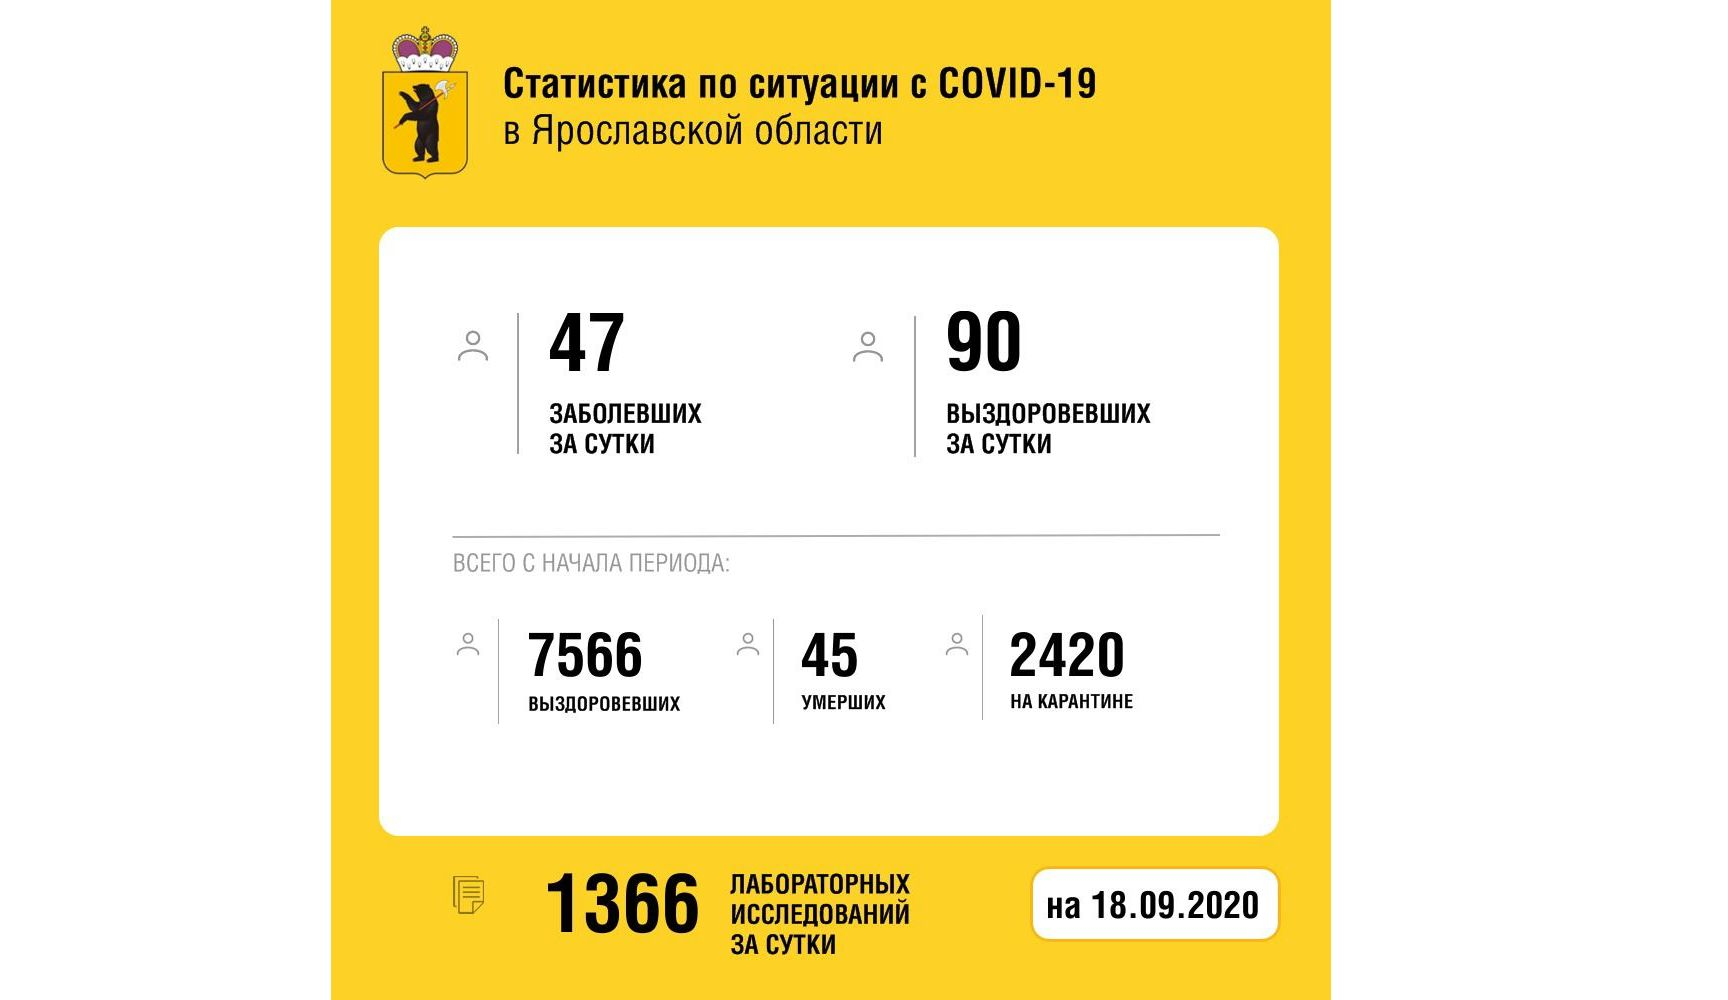 В Ярославской области вылечили от коронавируса еще 90 человек